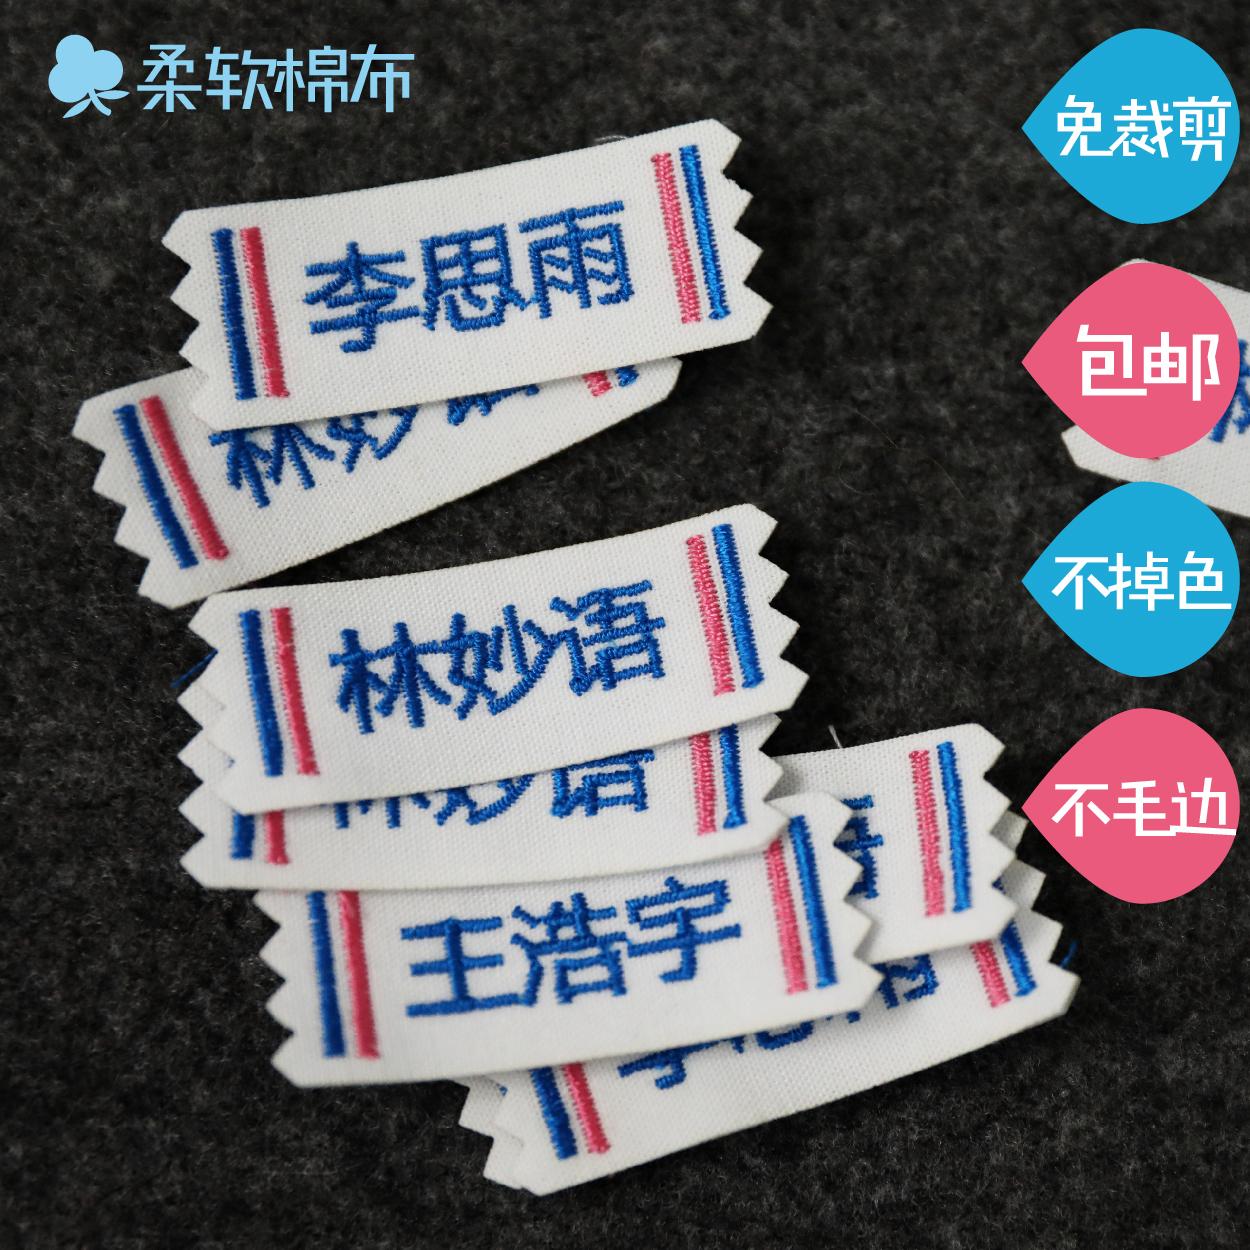 包邮可缝烫洗幼儿园宝宝入托被子名字贴布儿童衣服防水刺绣姓名贴